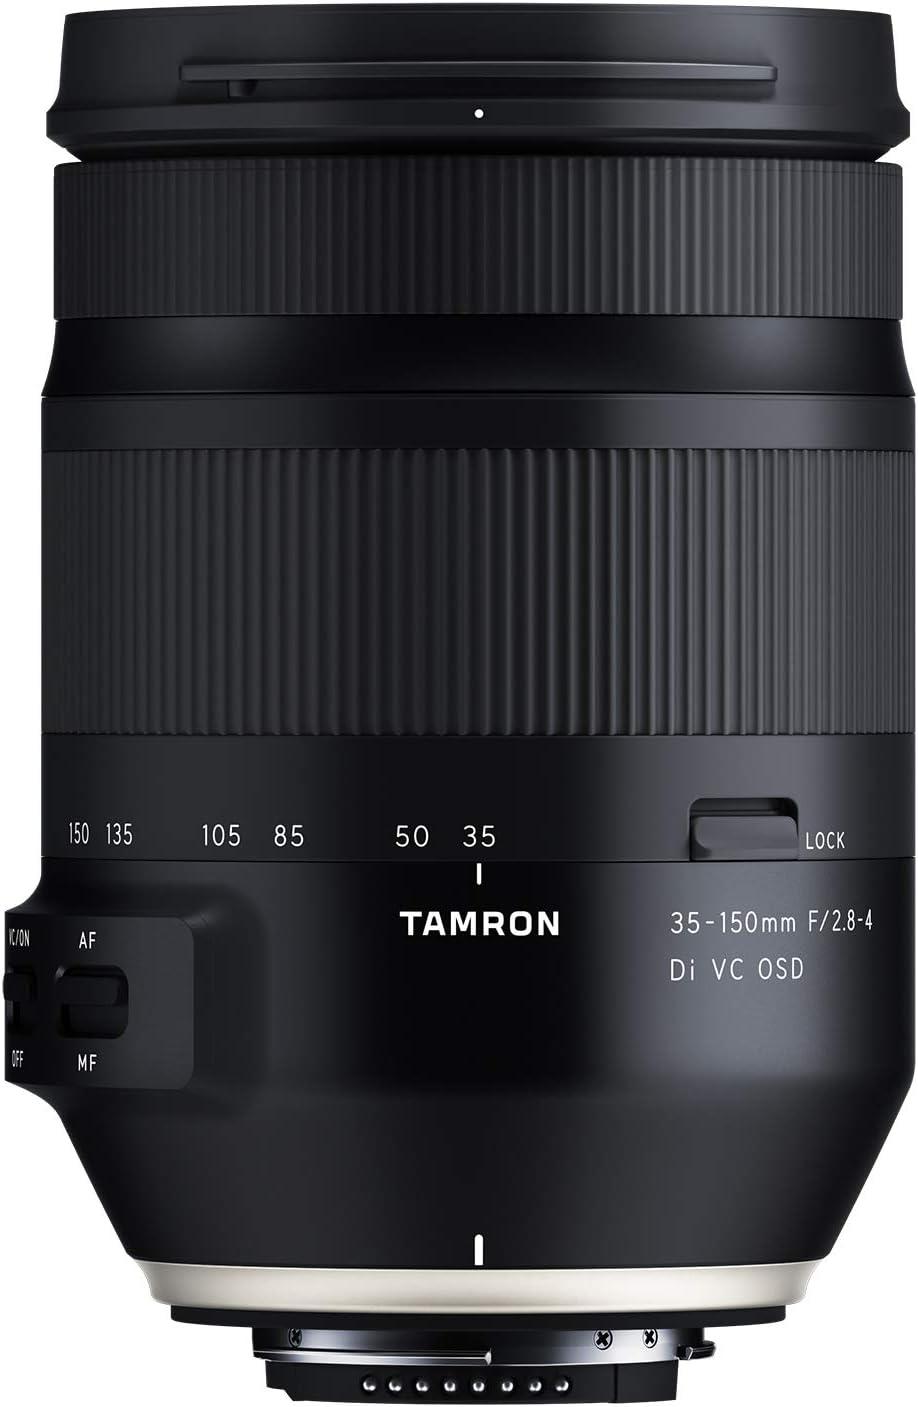 Tamron Af 35 150 Mm F 2 8 4 Di Vc Osd Objektiv Für Kamera